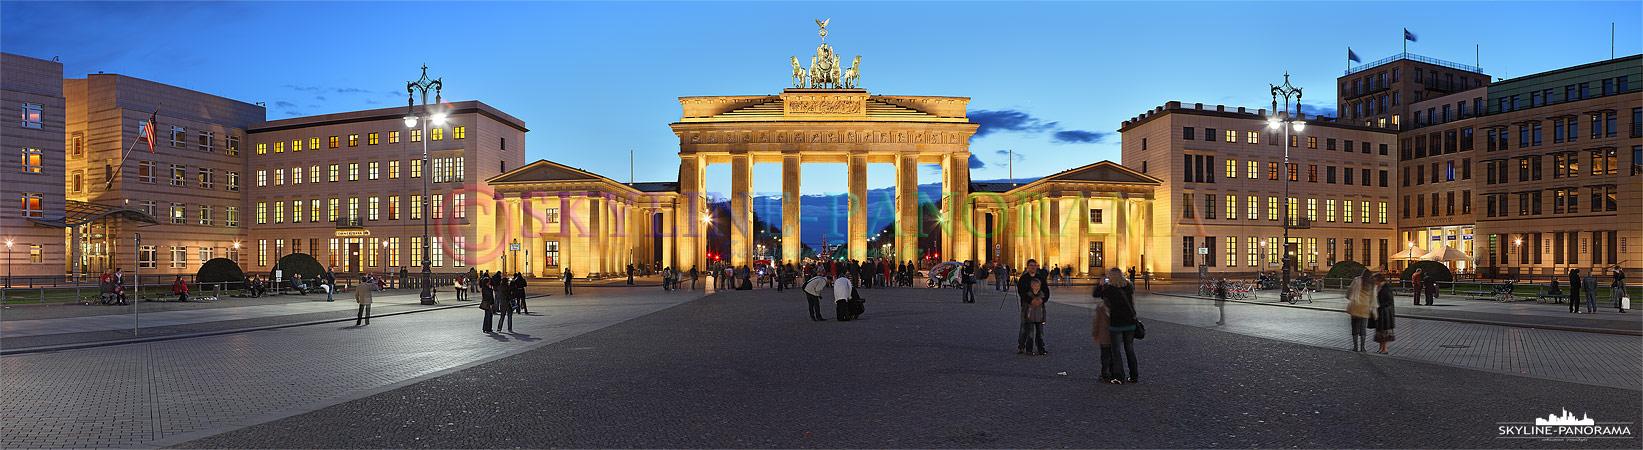 Panorama Berlin - Das Brandenburger Tor war lange Zeit das Symbol der geteilten Stadt Berlin, nun ist es das Wahrzeichen der nach dem Mauerfall wiedervereinigten Hauptstadt und ein Besuchermagnet für viele Touristen aus aller Welt.